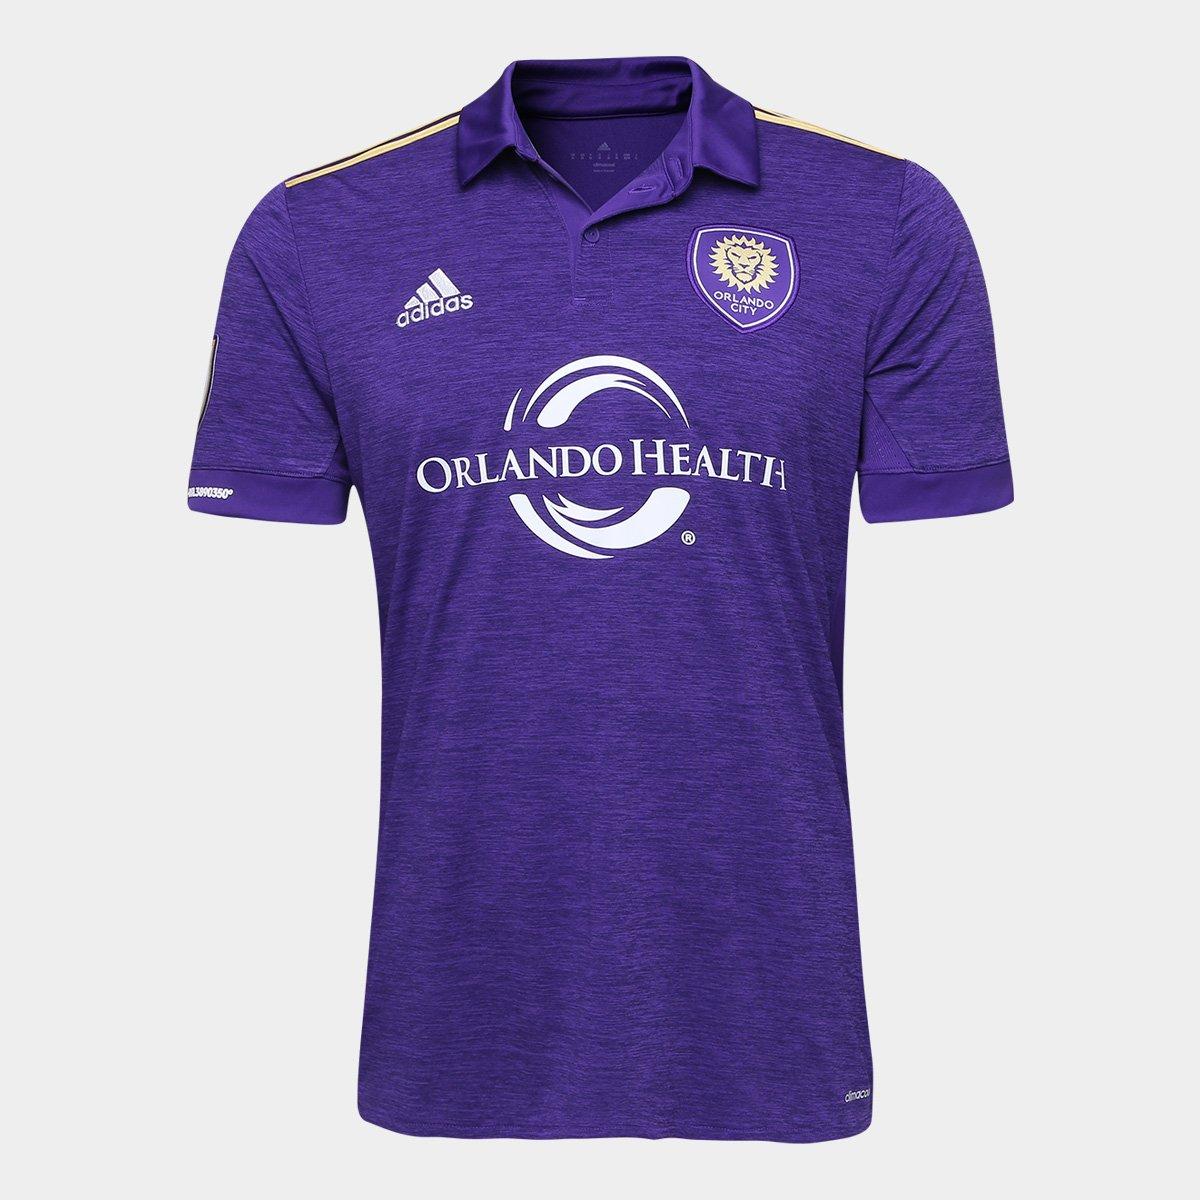 056fbbcebd Camisa Orlando City Home 17 18 s n° Torcedor Adidas Masculina - Compre  Agora